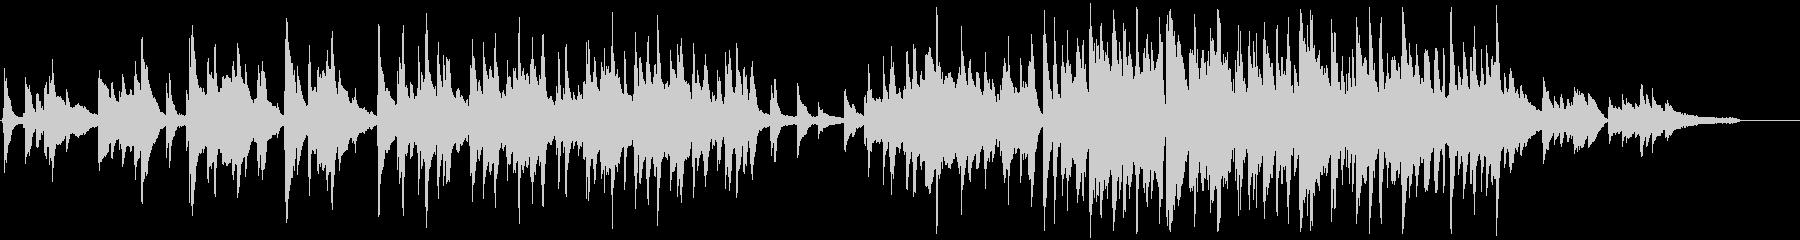 お洒落なジャズピアノトリオのワルツの未再生の波形